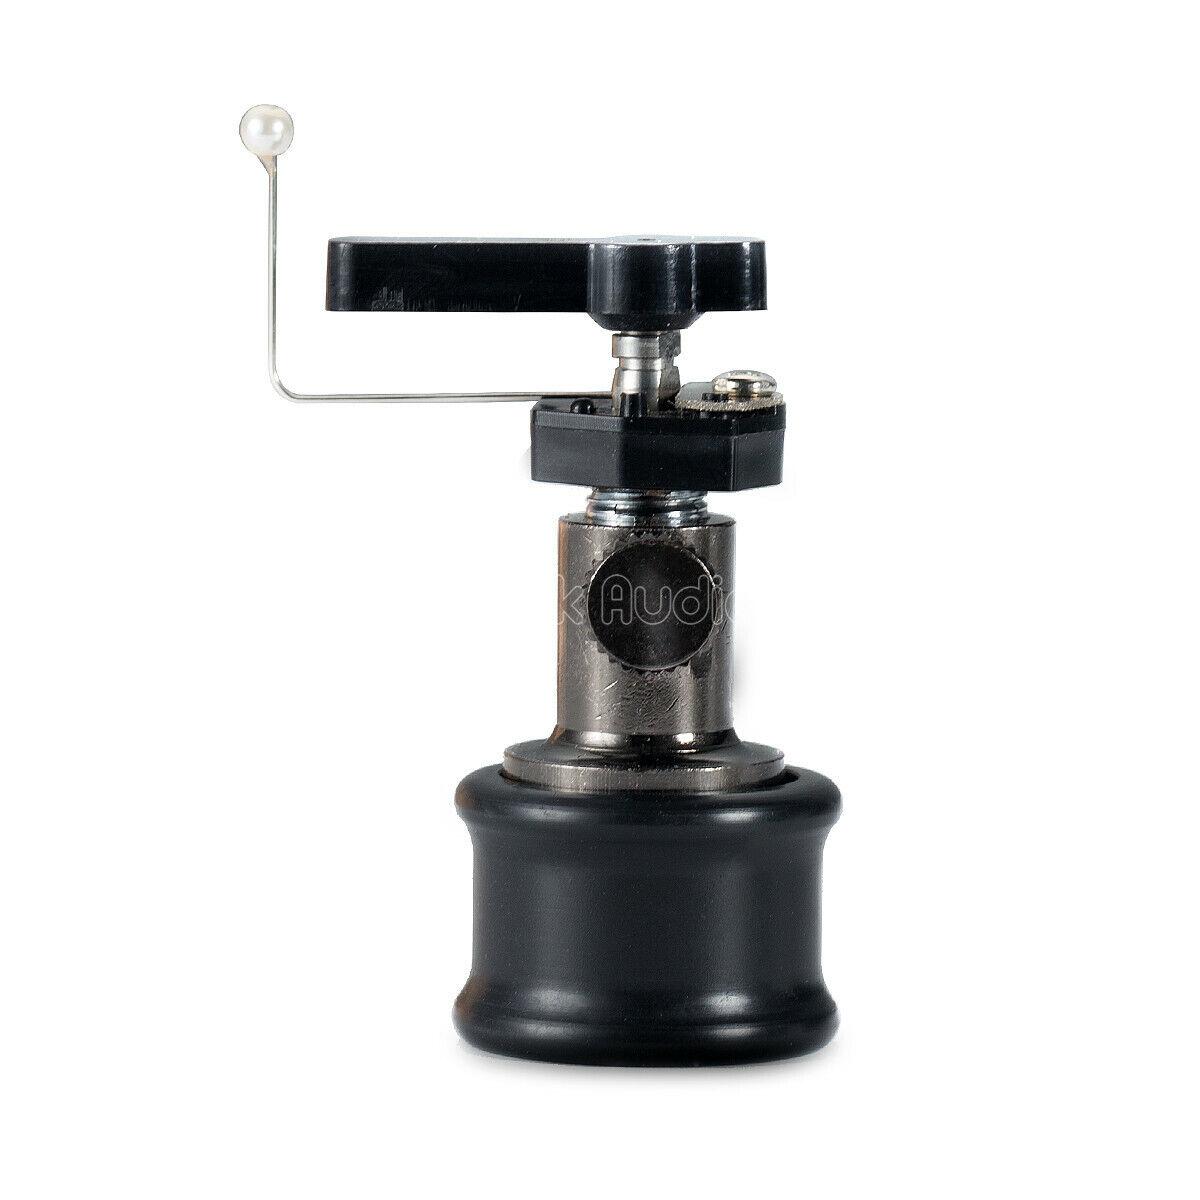 Douk Audio Automatic Tonearm Lifter Arm Lift For Lp